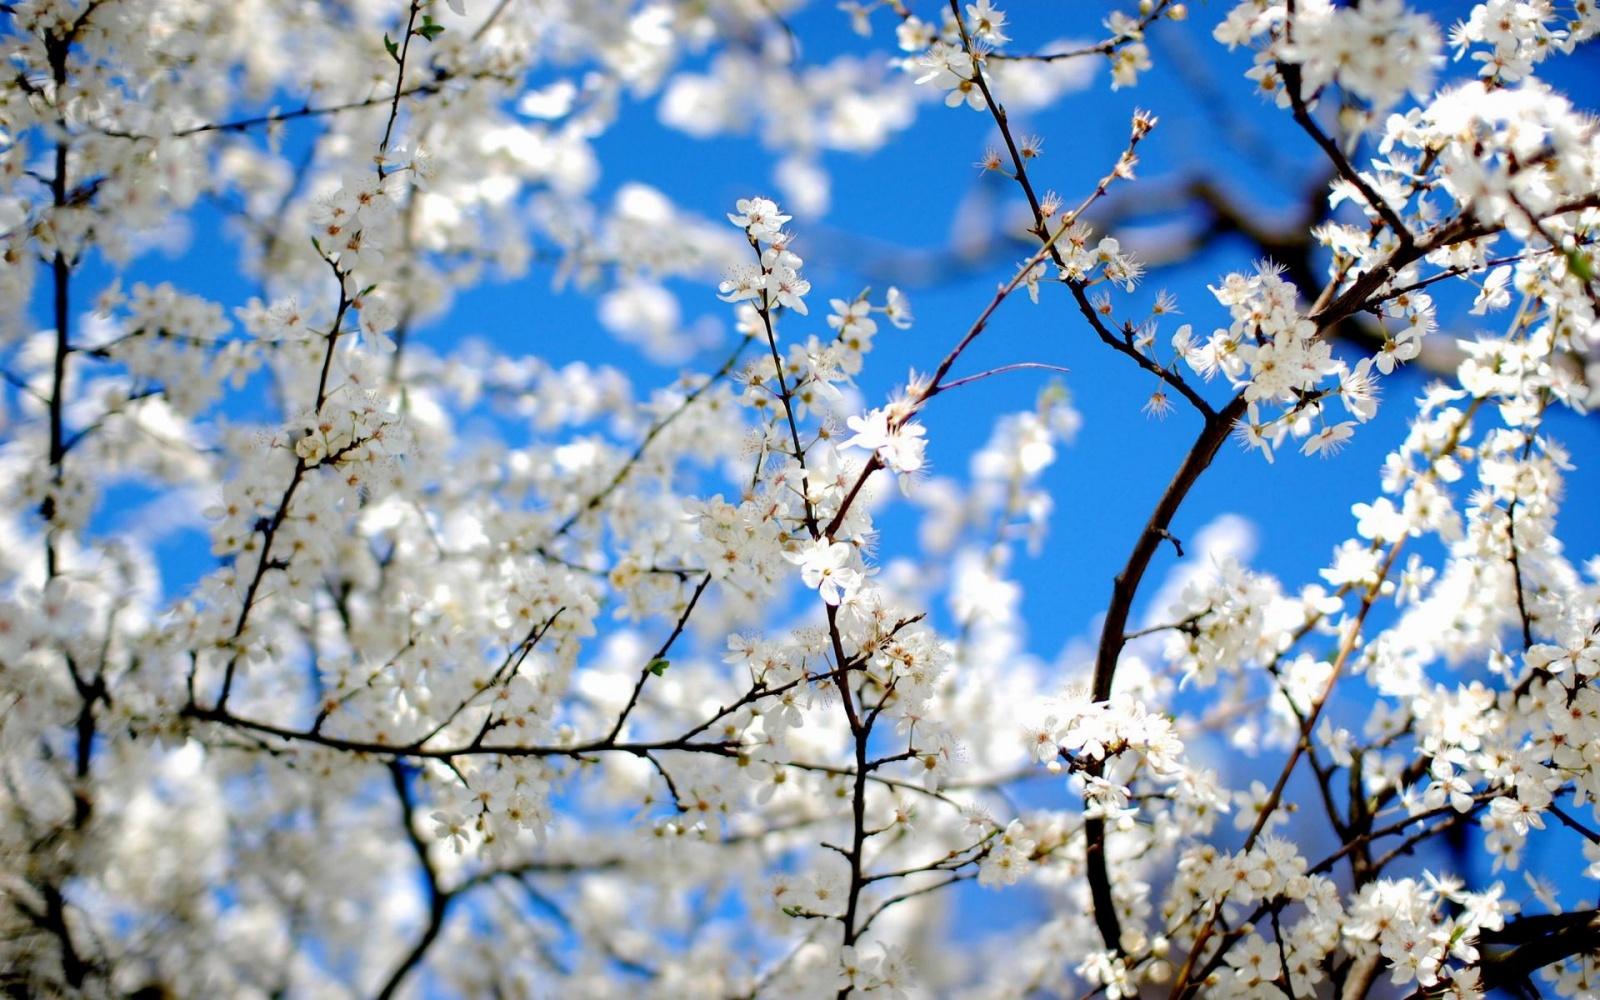 lente achtergronden hd - photo #1